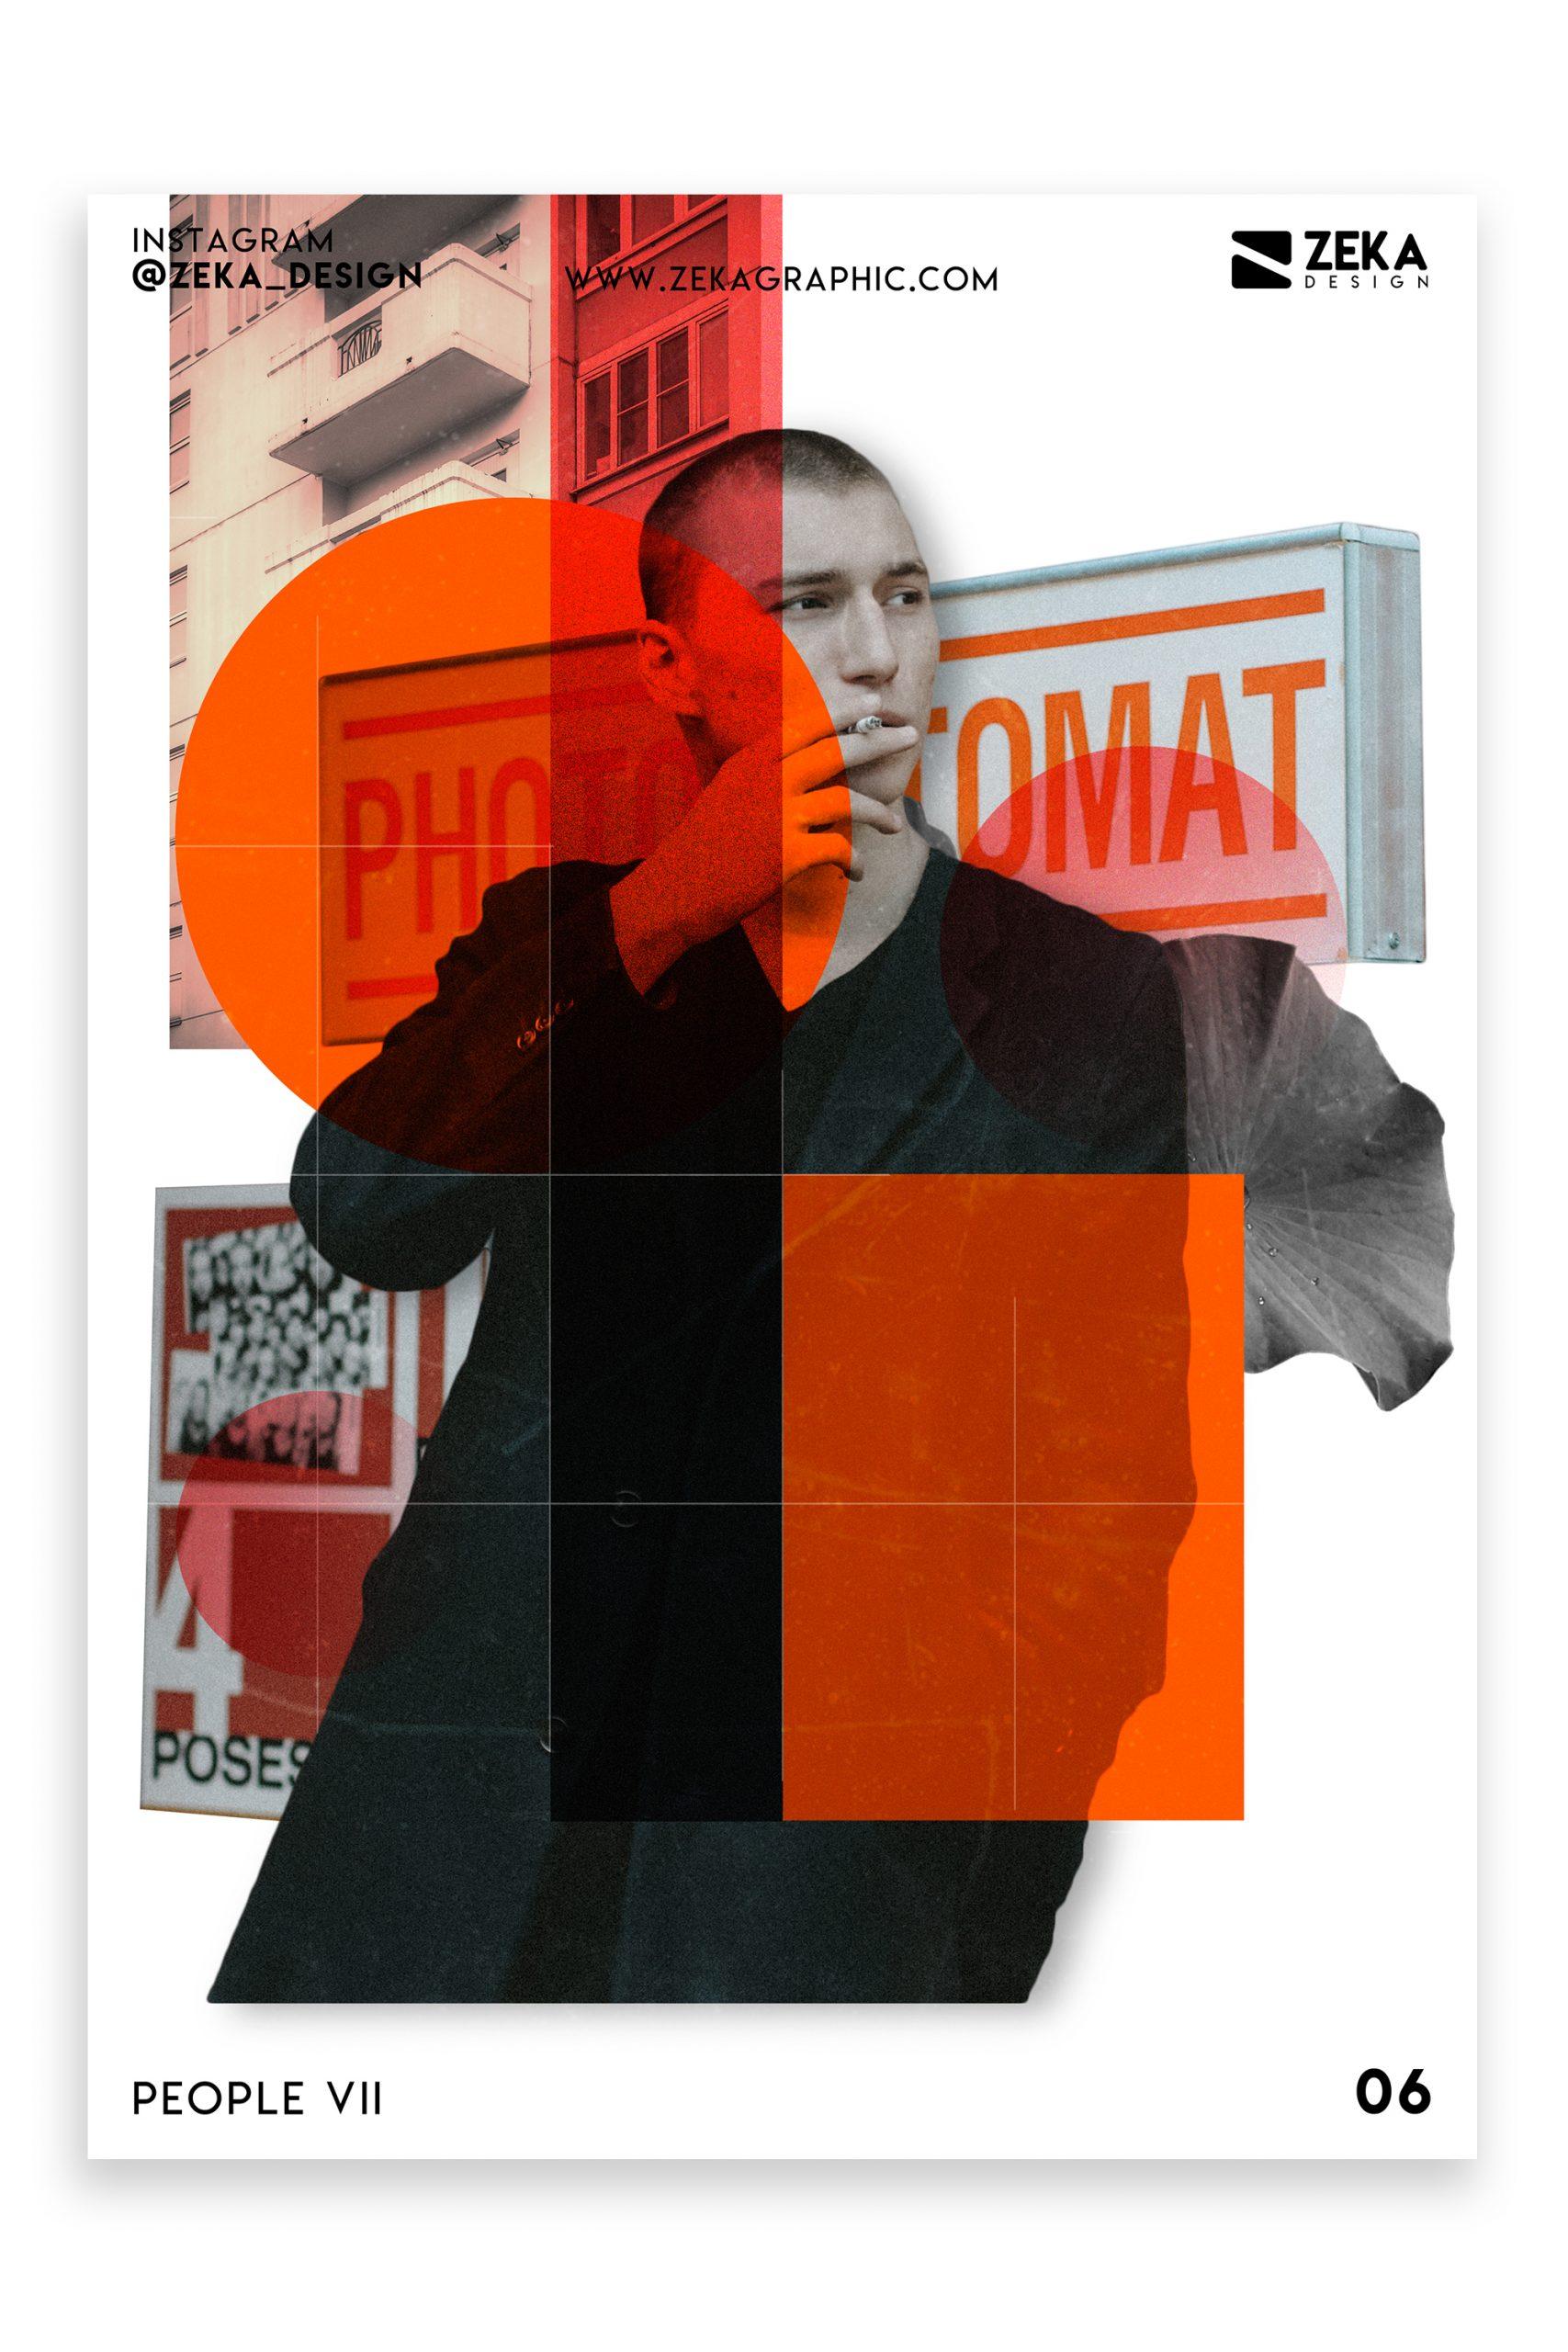 People VII Poster Design Inspiration Graphic Design Portfolio 6